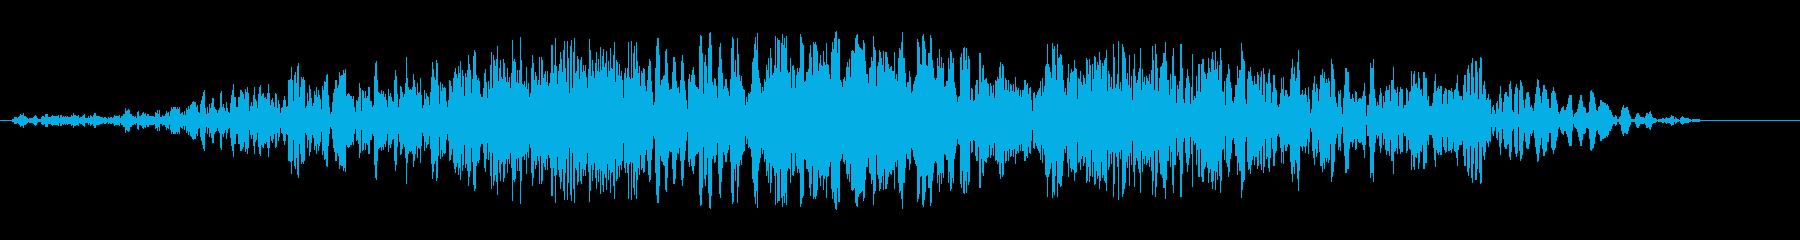 シュイッビシューン(風の音)の再生済みの波形